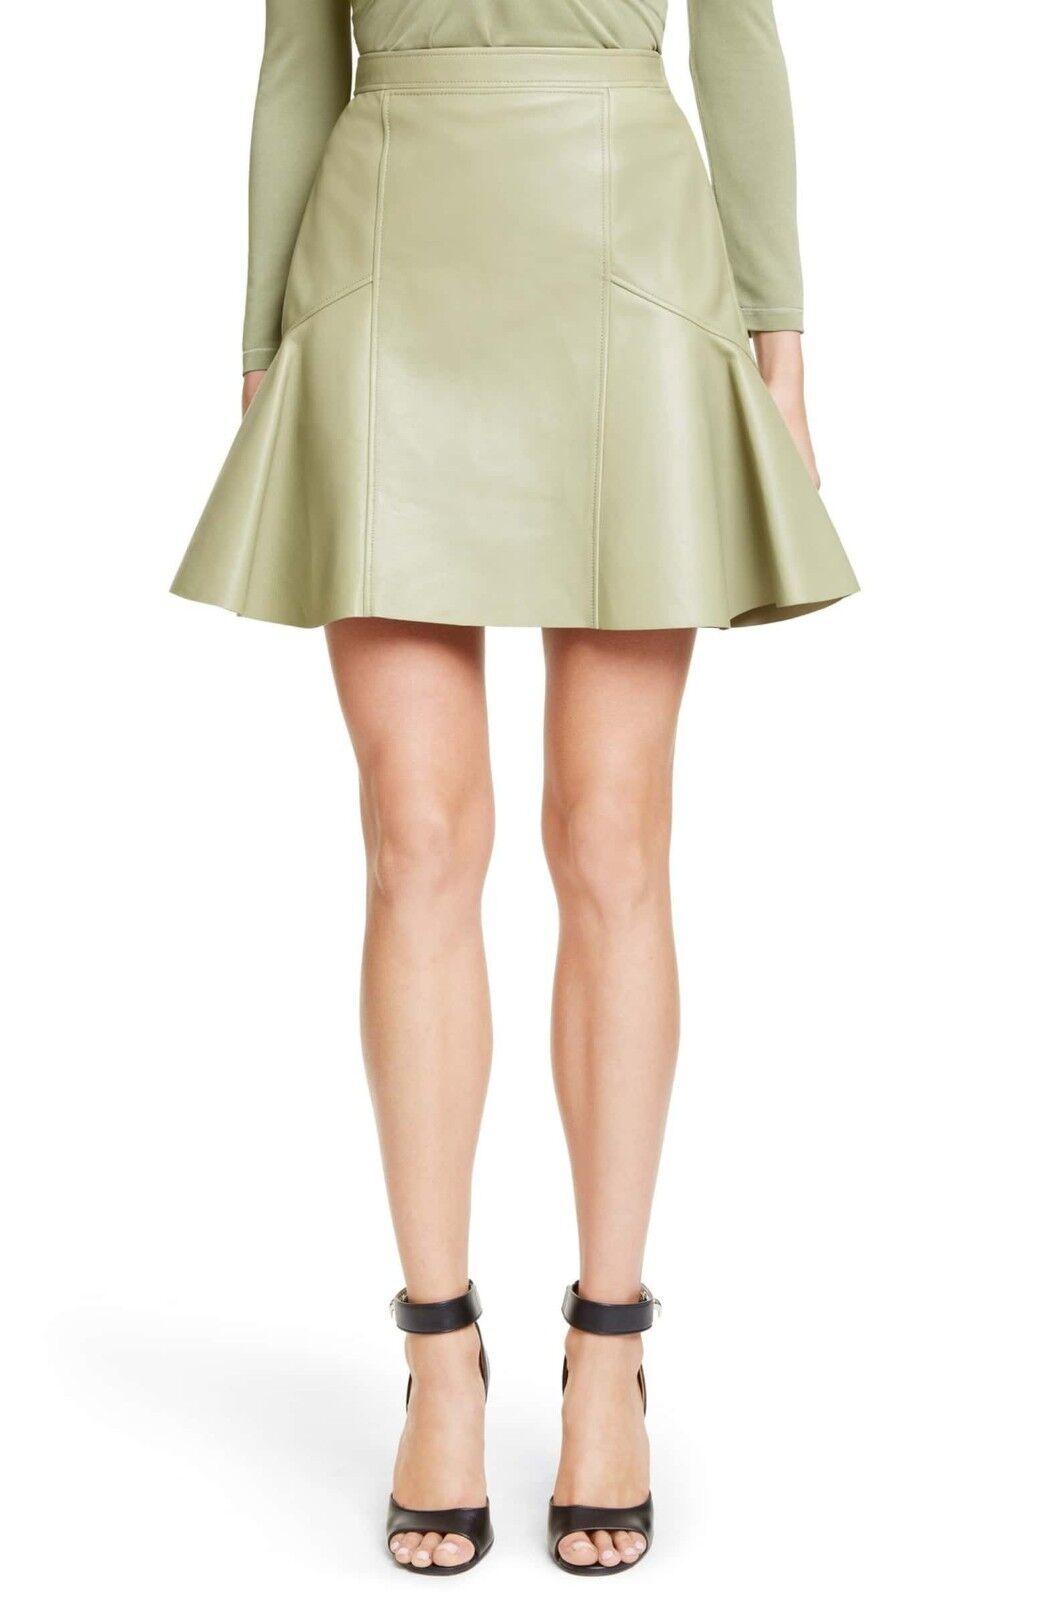 Givenchy Flounce Hem Nappa Läther kjol i mjukt Sage Storlek 40 NWOT